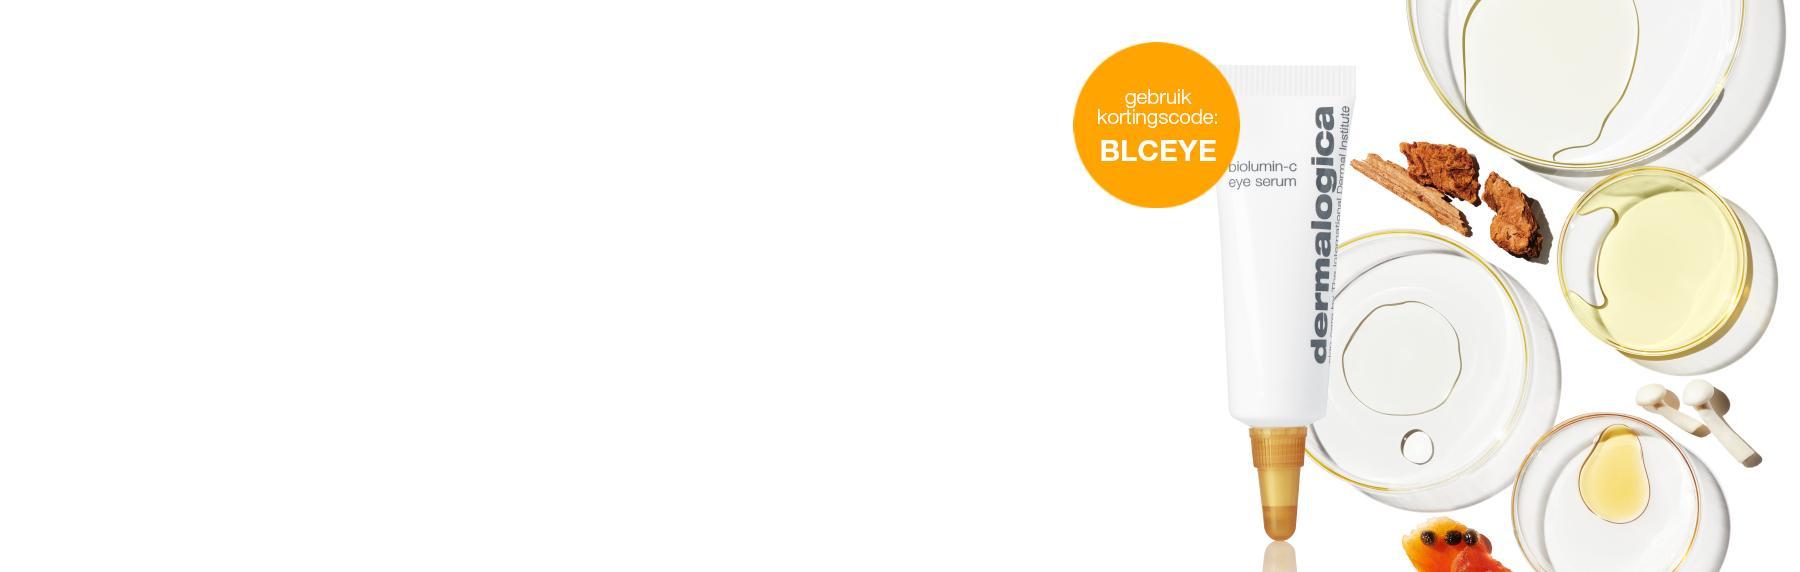 BLC EYE + BLC BENL